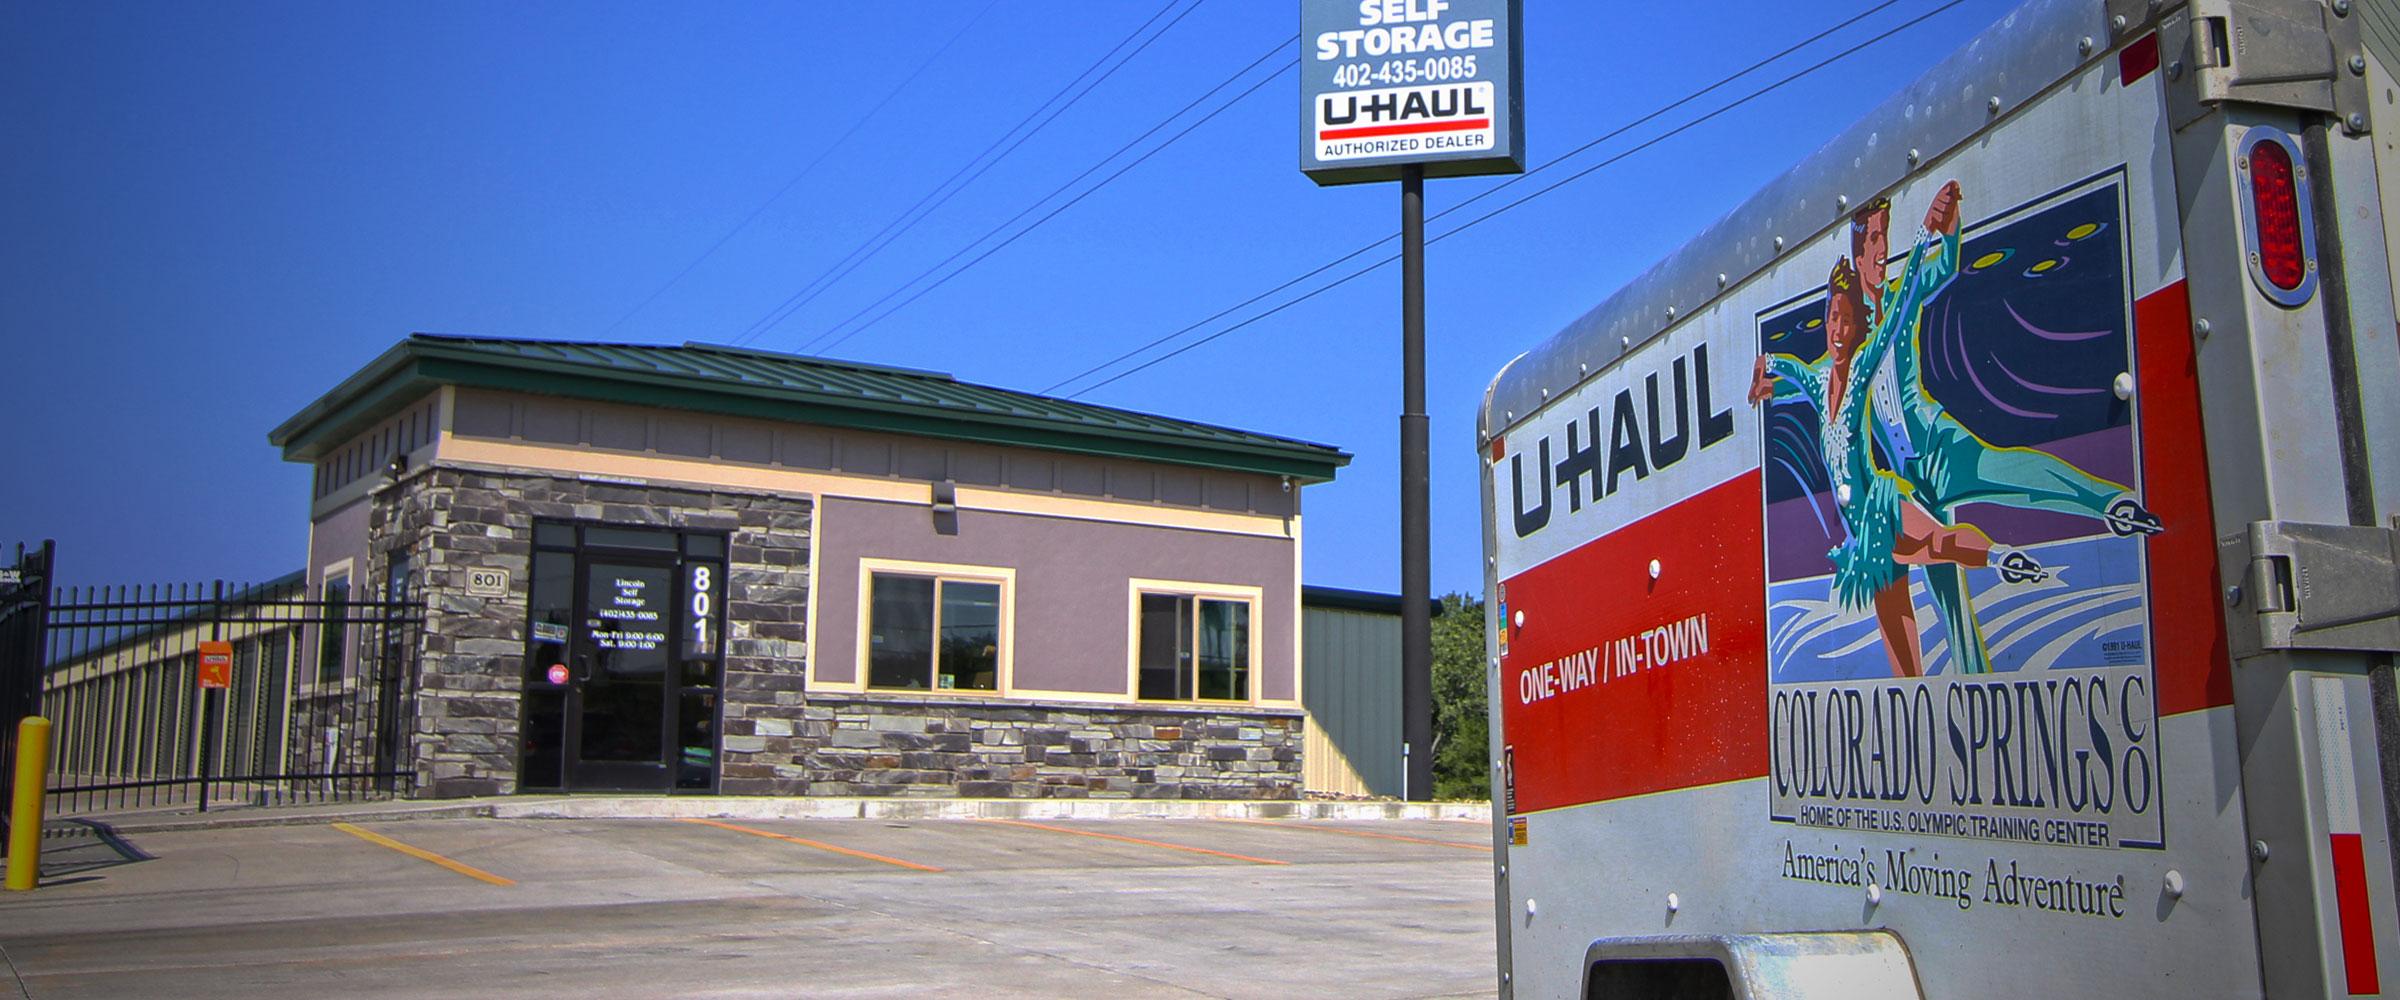 U-Haul Moving